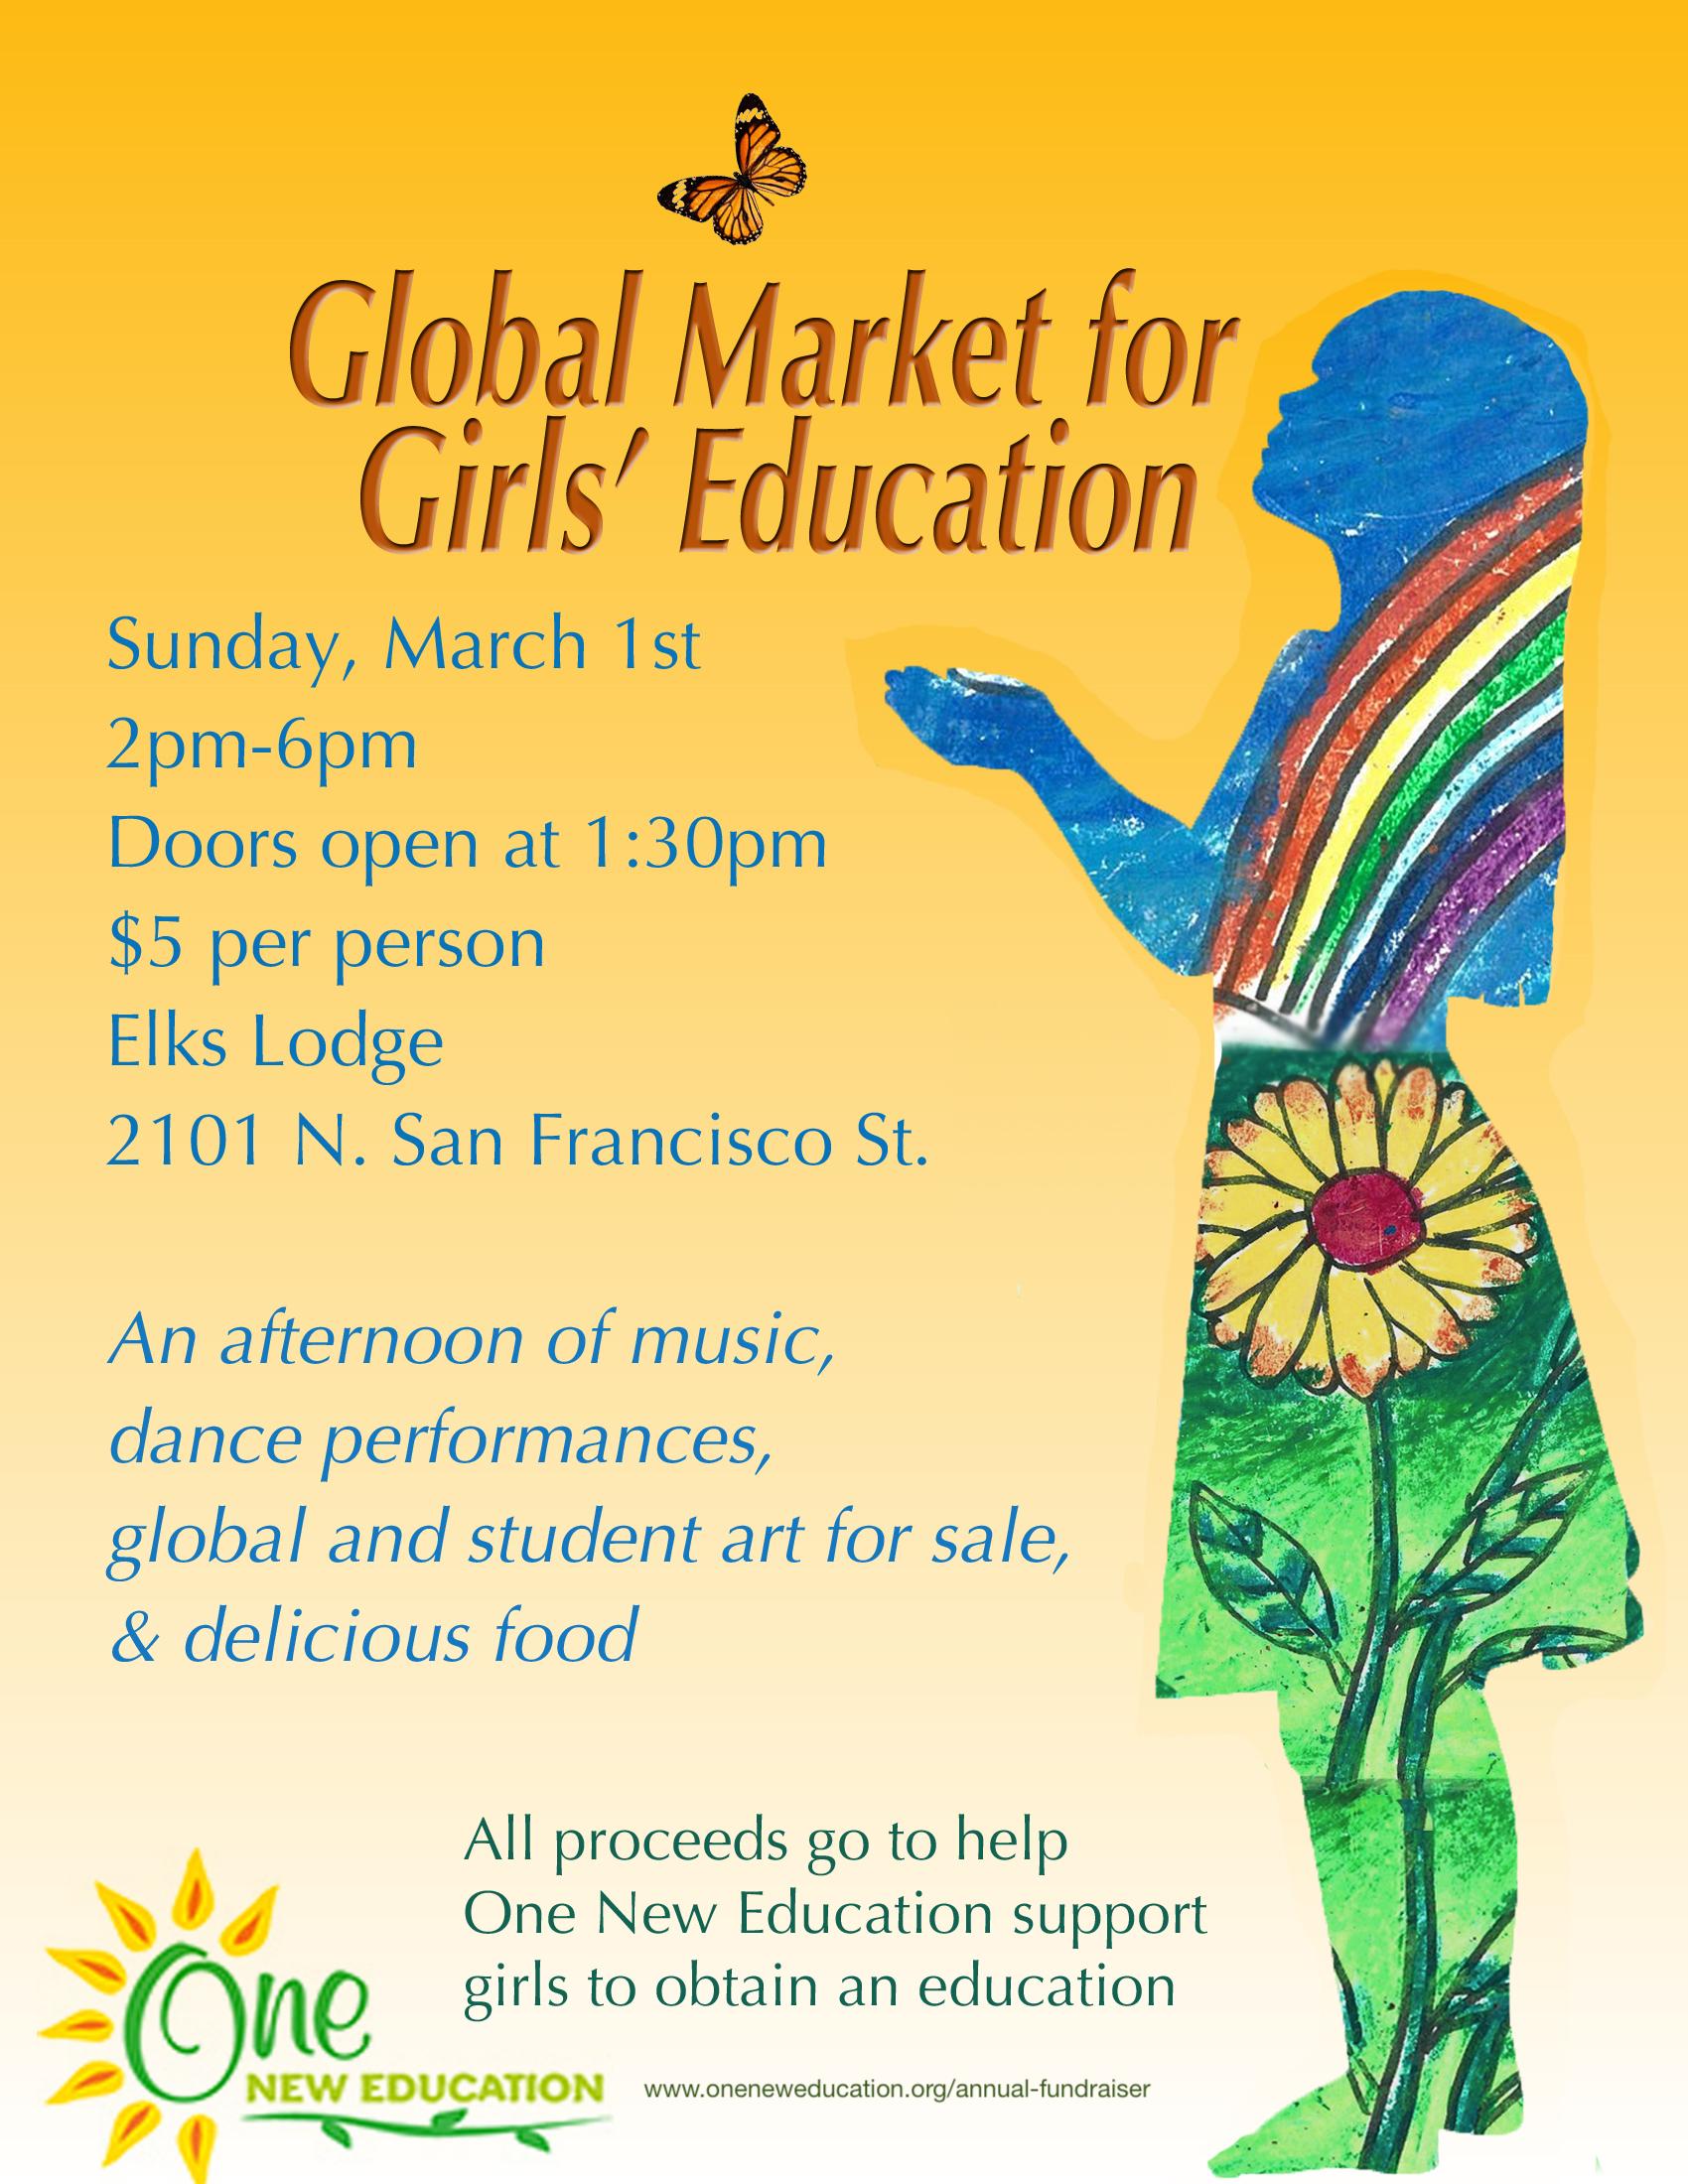 Global Market For Girls' Education